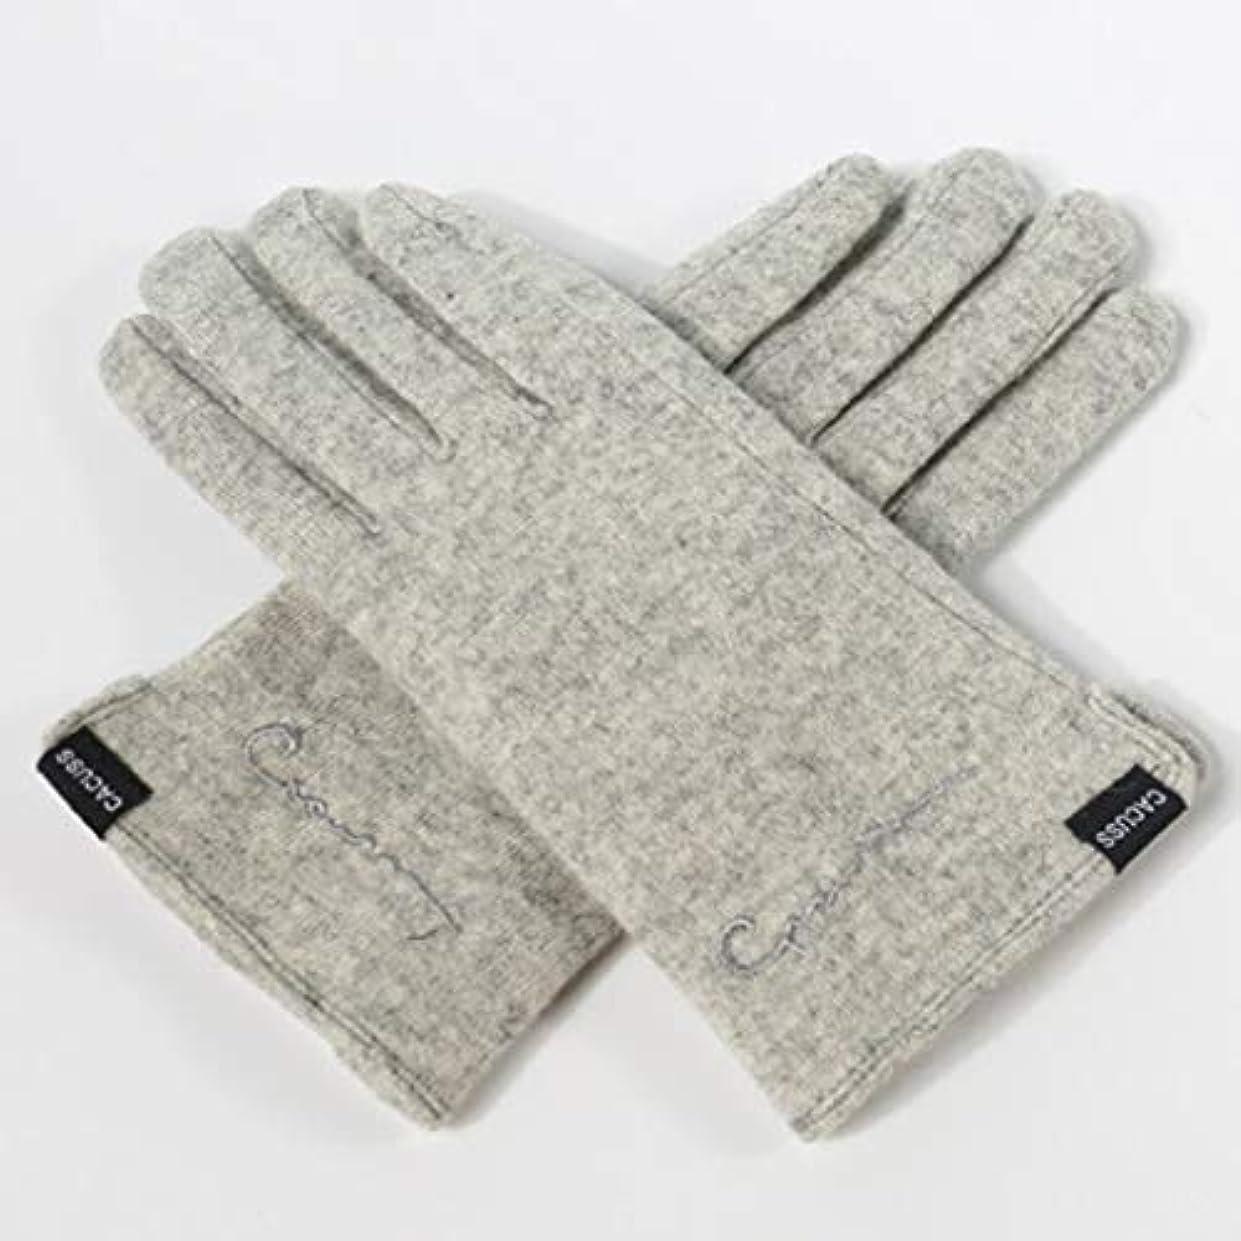 ヶ月目引用マスタード手袋女性の冬のタッチスクリーンのファッション暖かく快適なポイントは、乗馬を厚くする (色 : Gray)